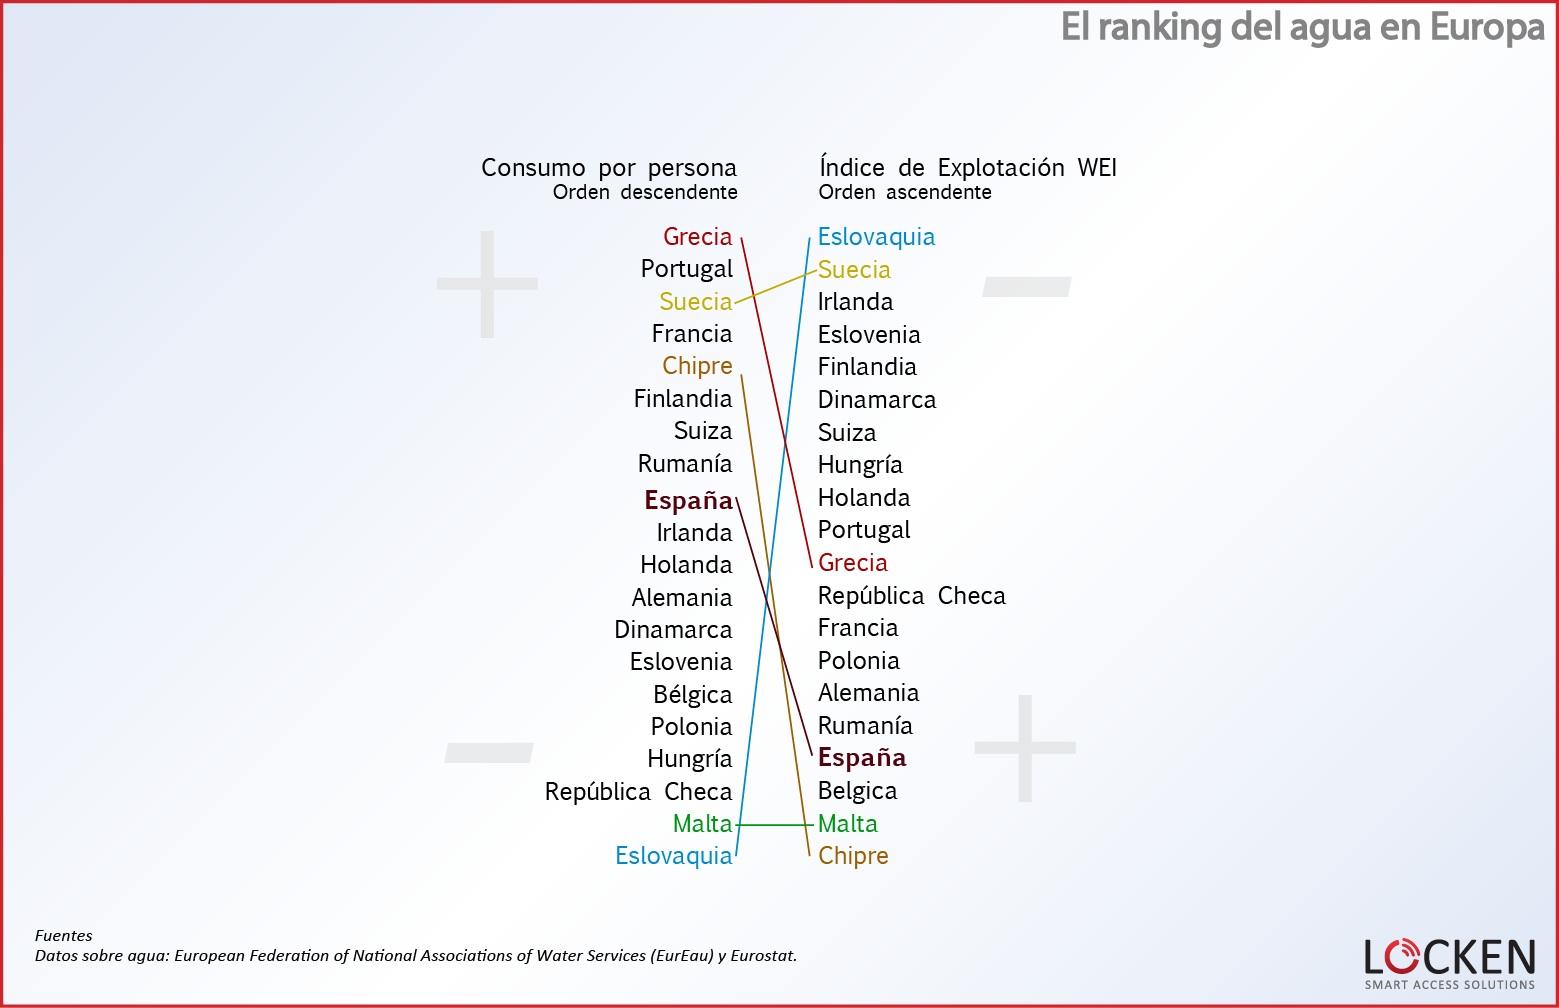 ranking-agua-europa-comparativa-consumo-WEI 5